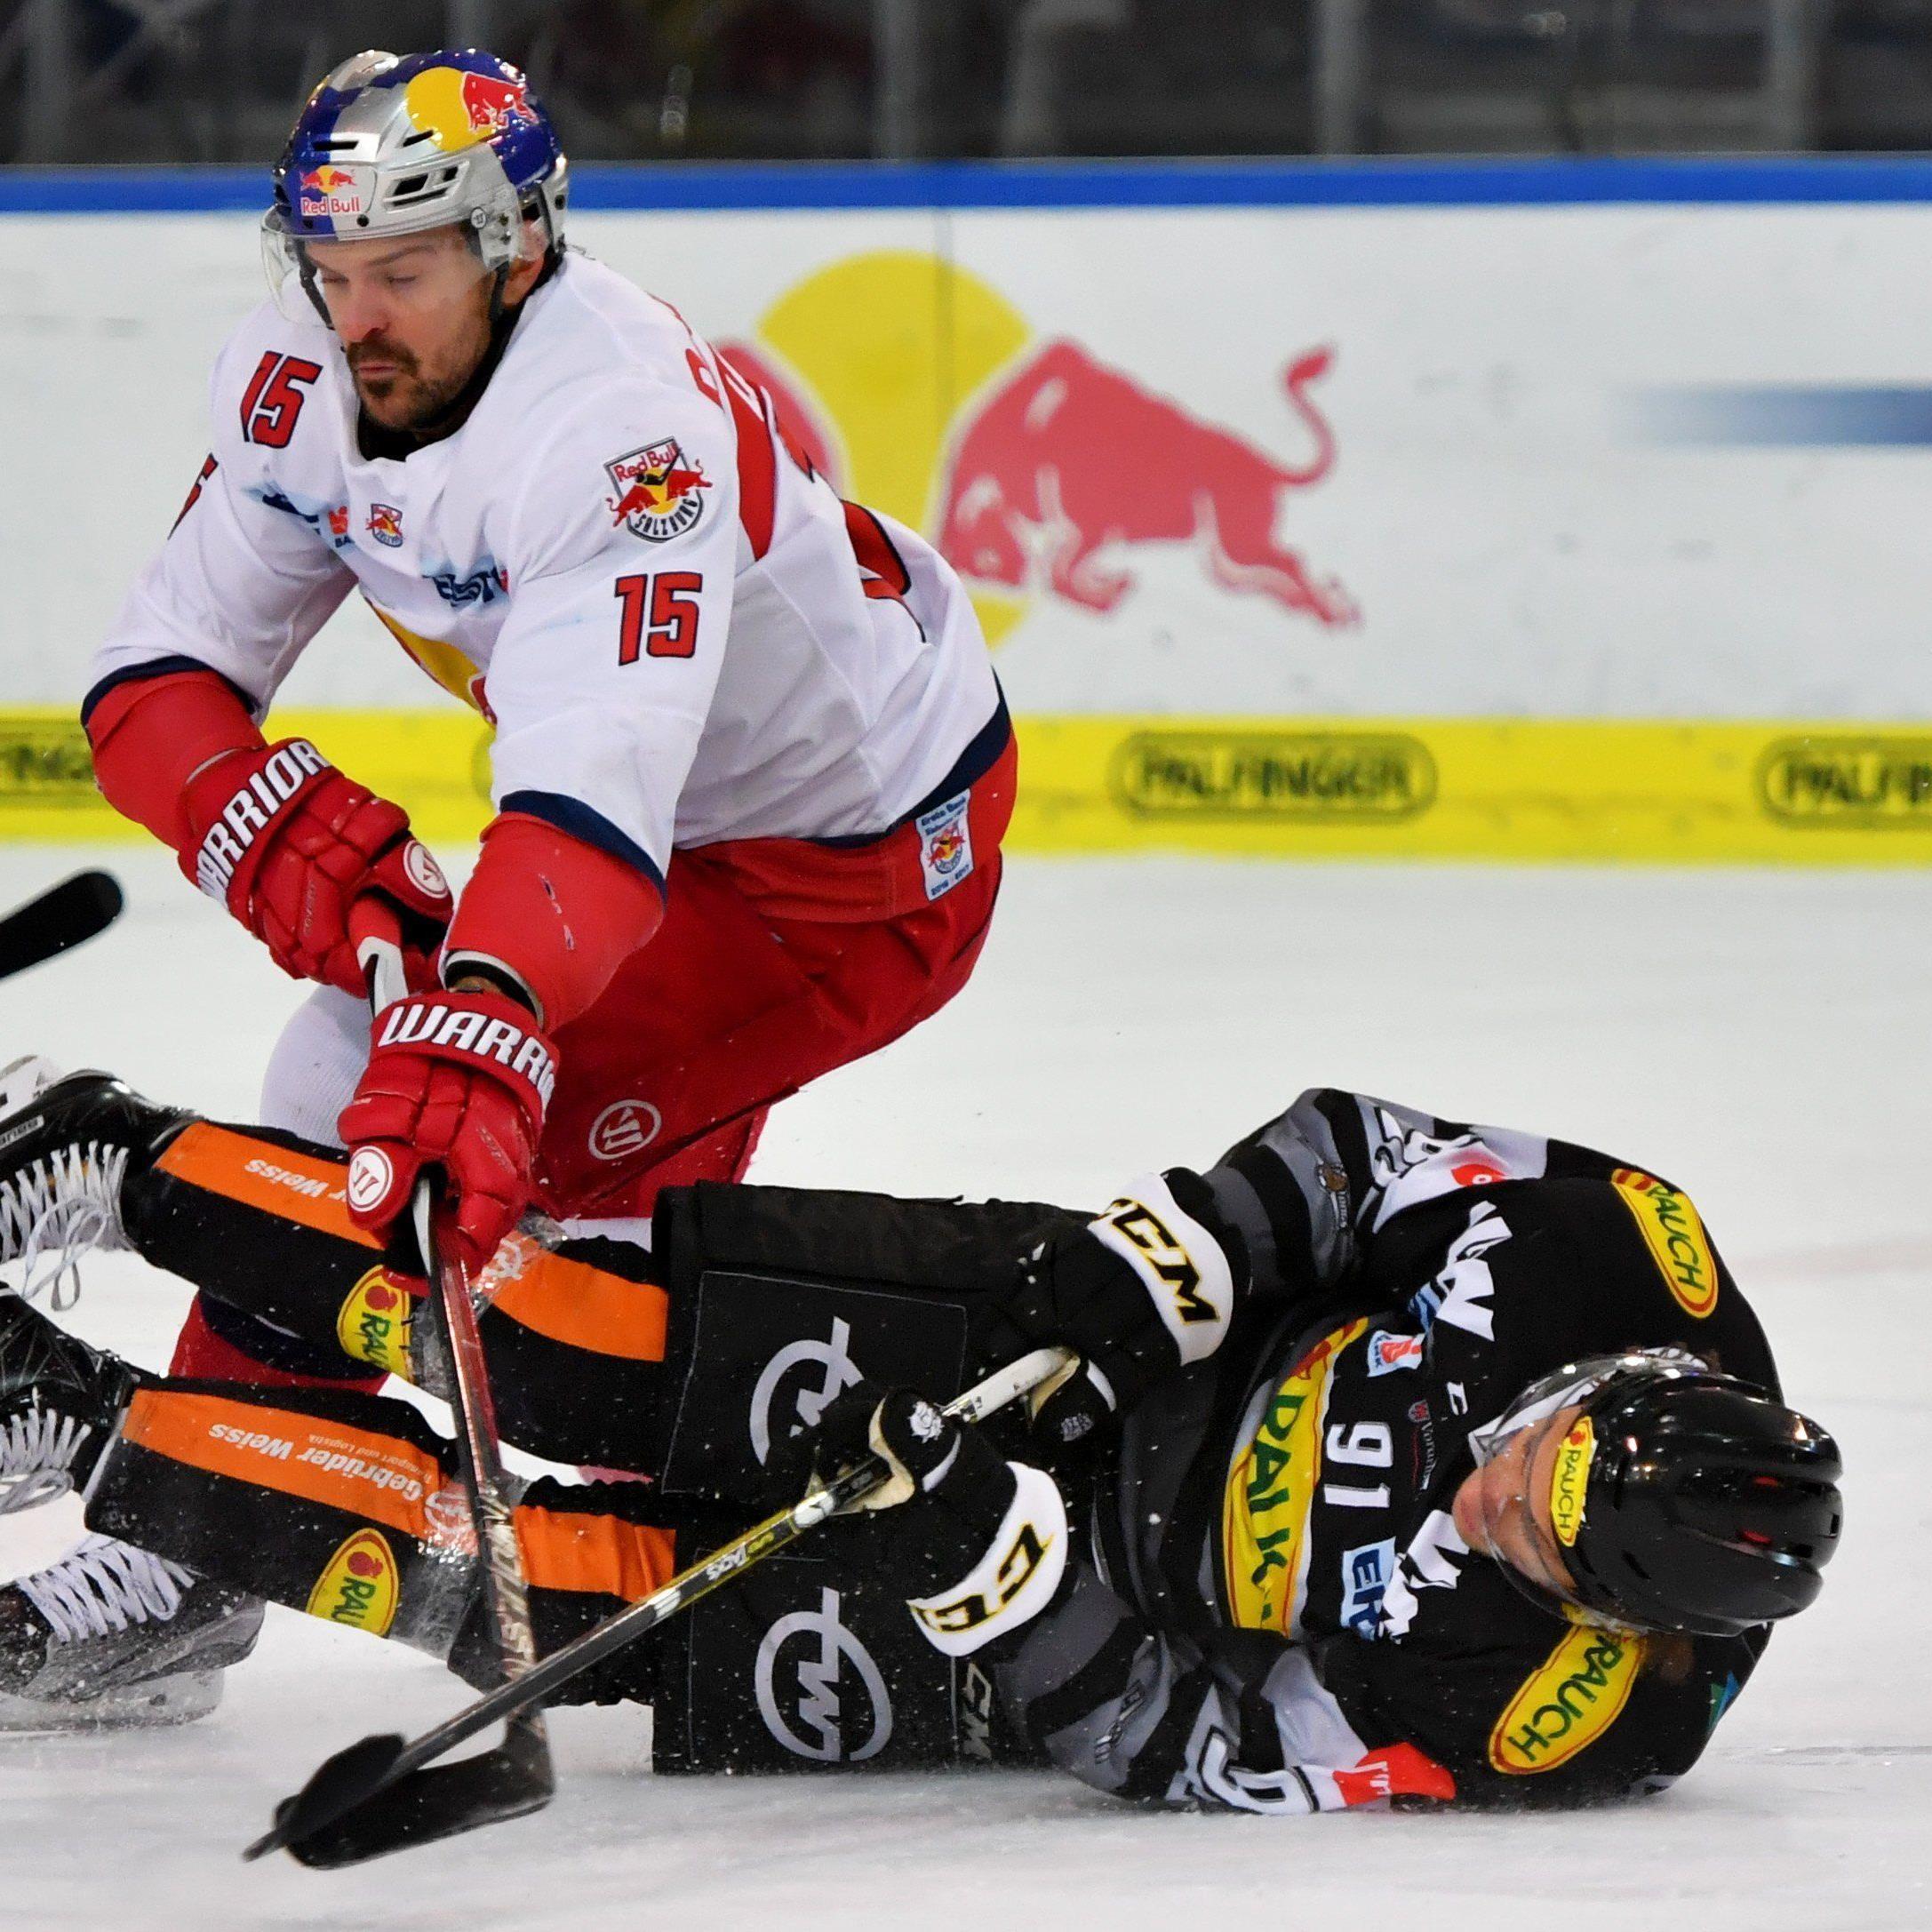 Dornbirn musste sich Salzburg nach hartem Kampf geschlagen geben.